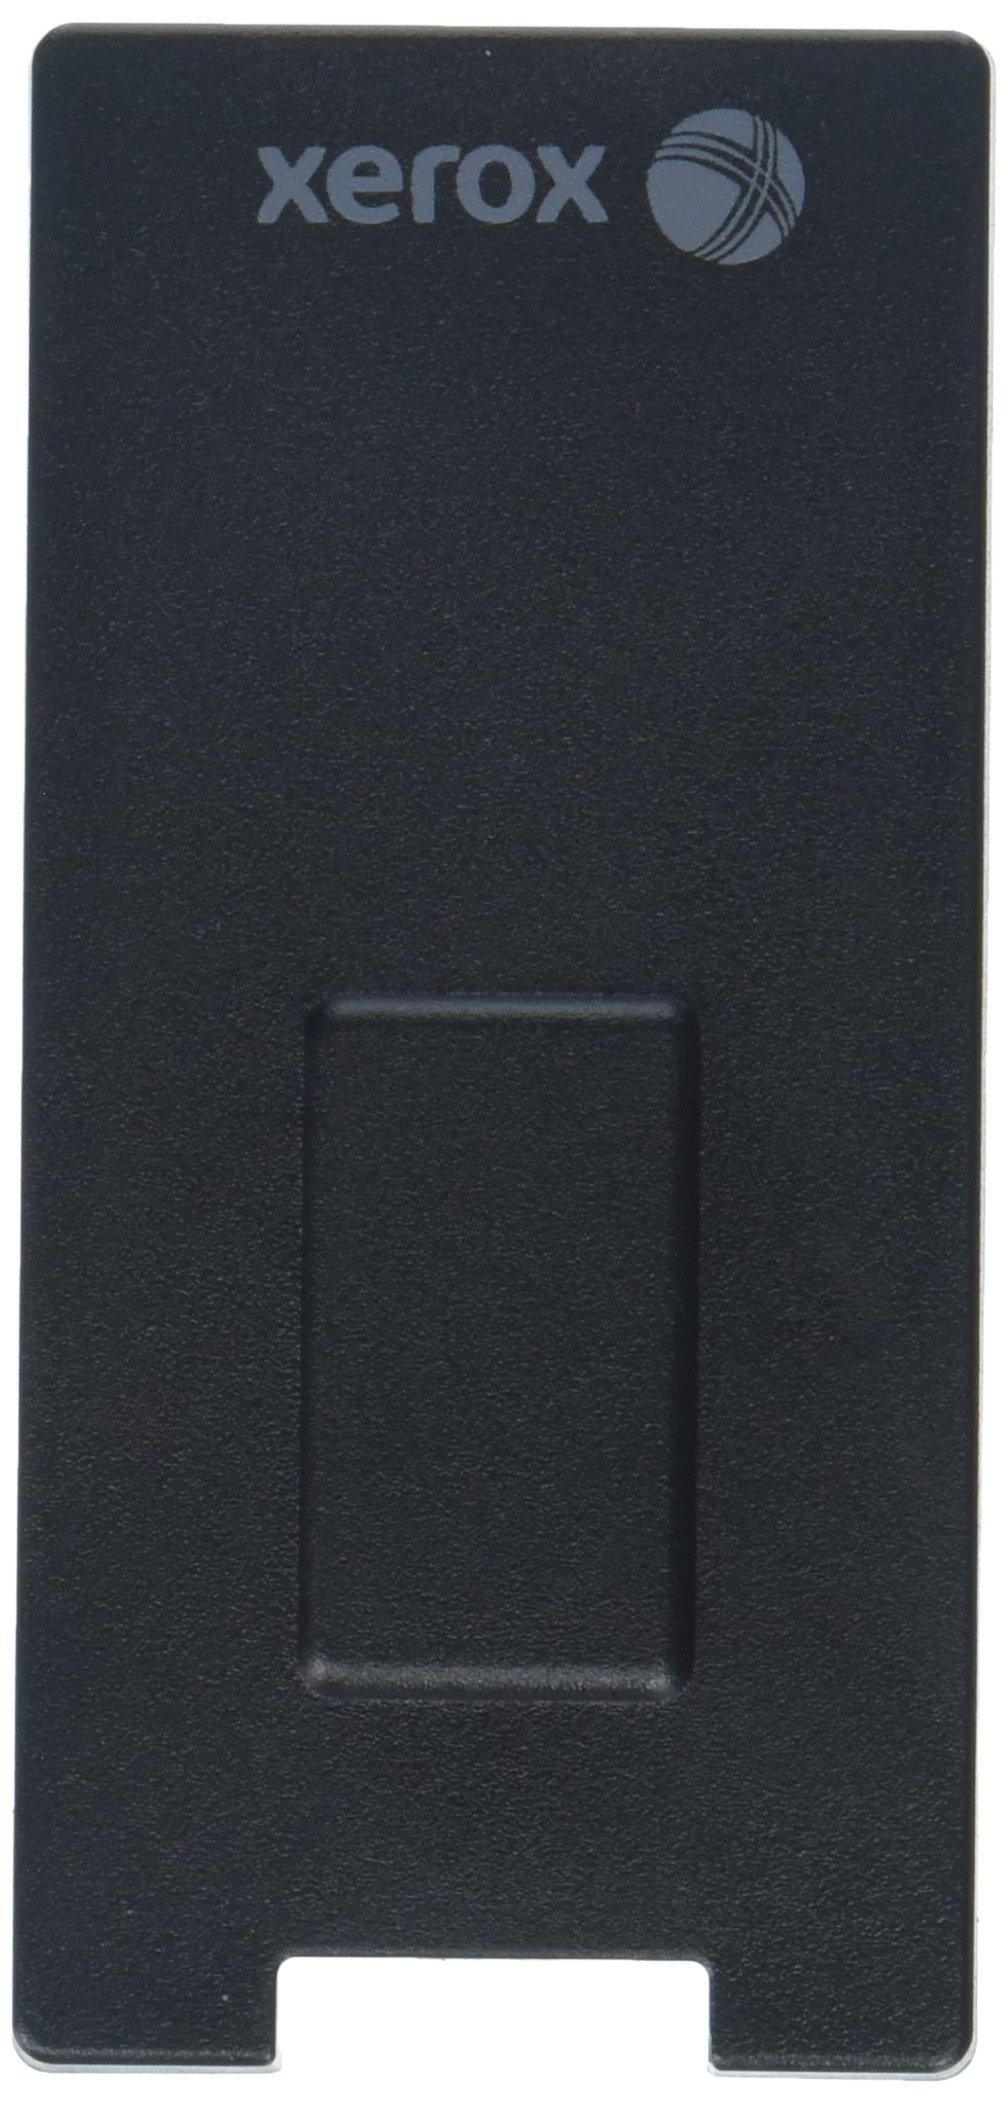 Xerox Internal Wireless Print Server, 802.11 b/g/n (097N01880)